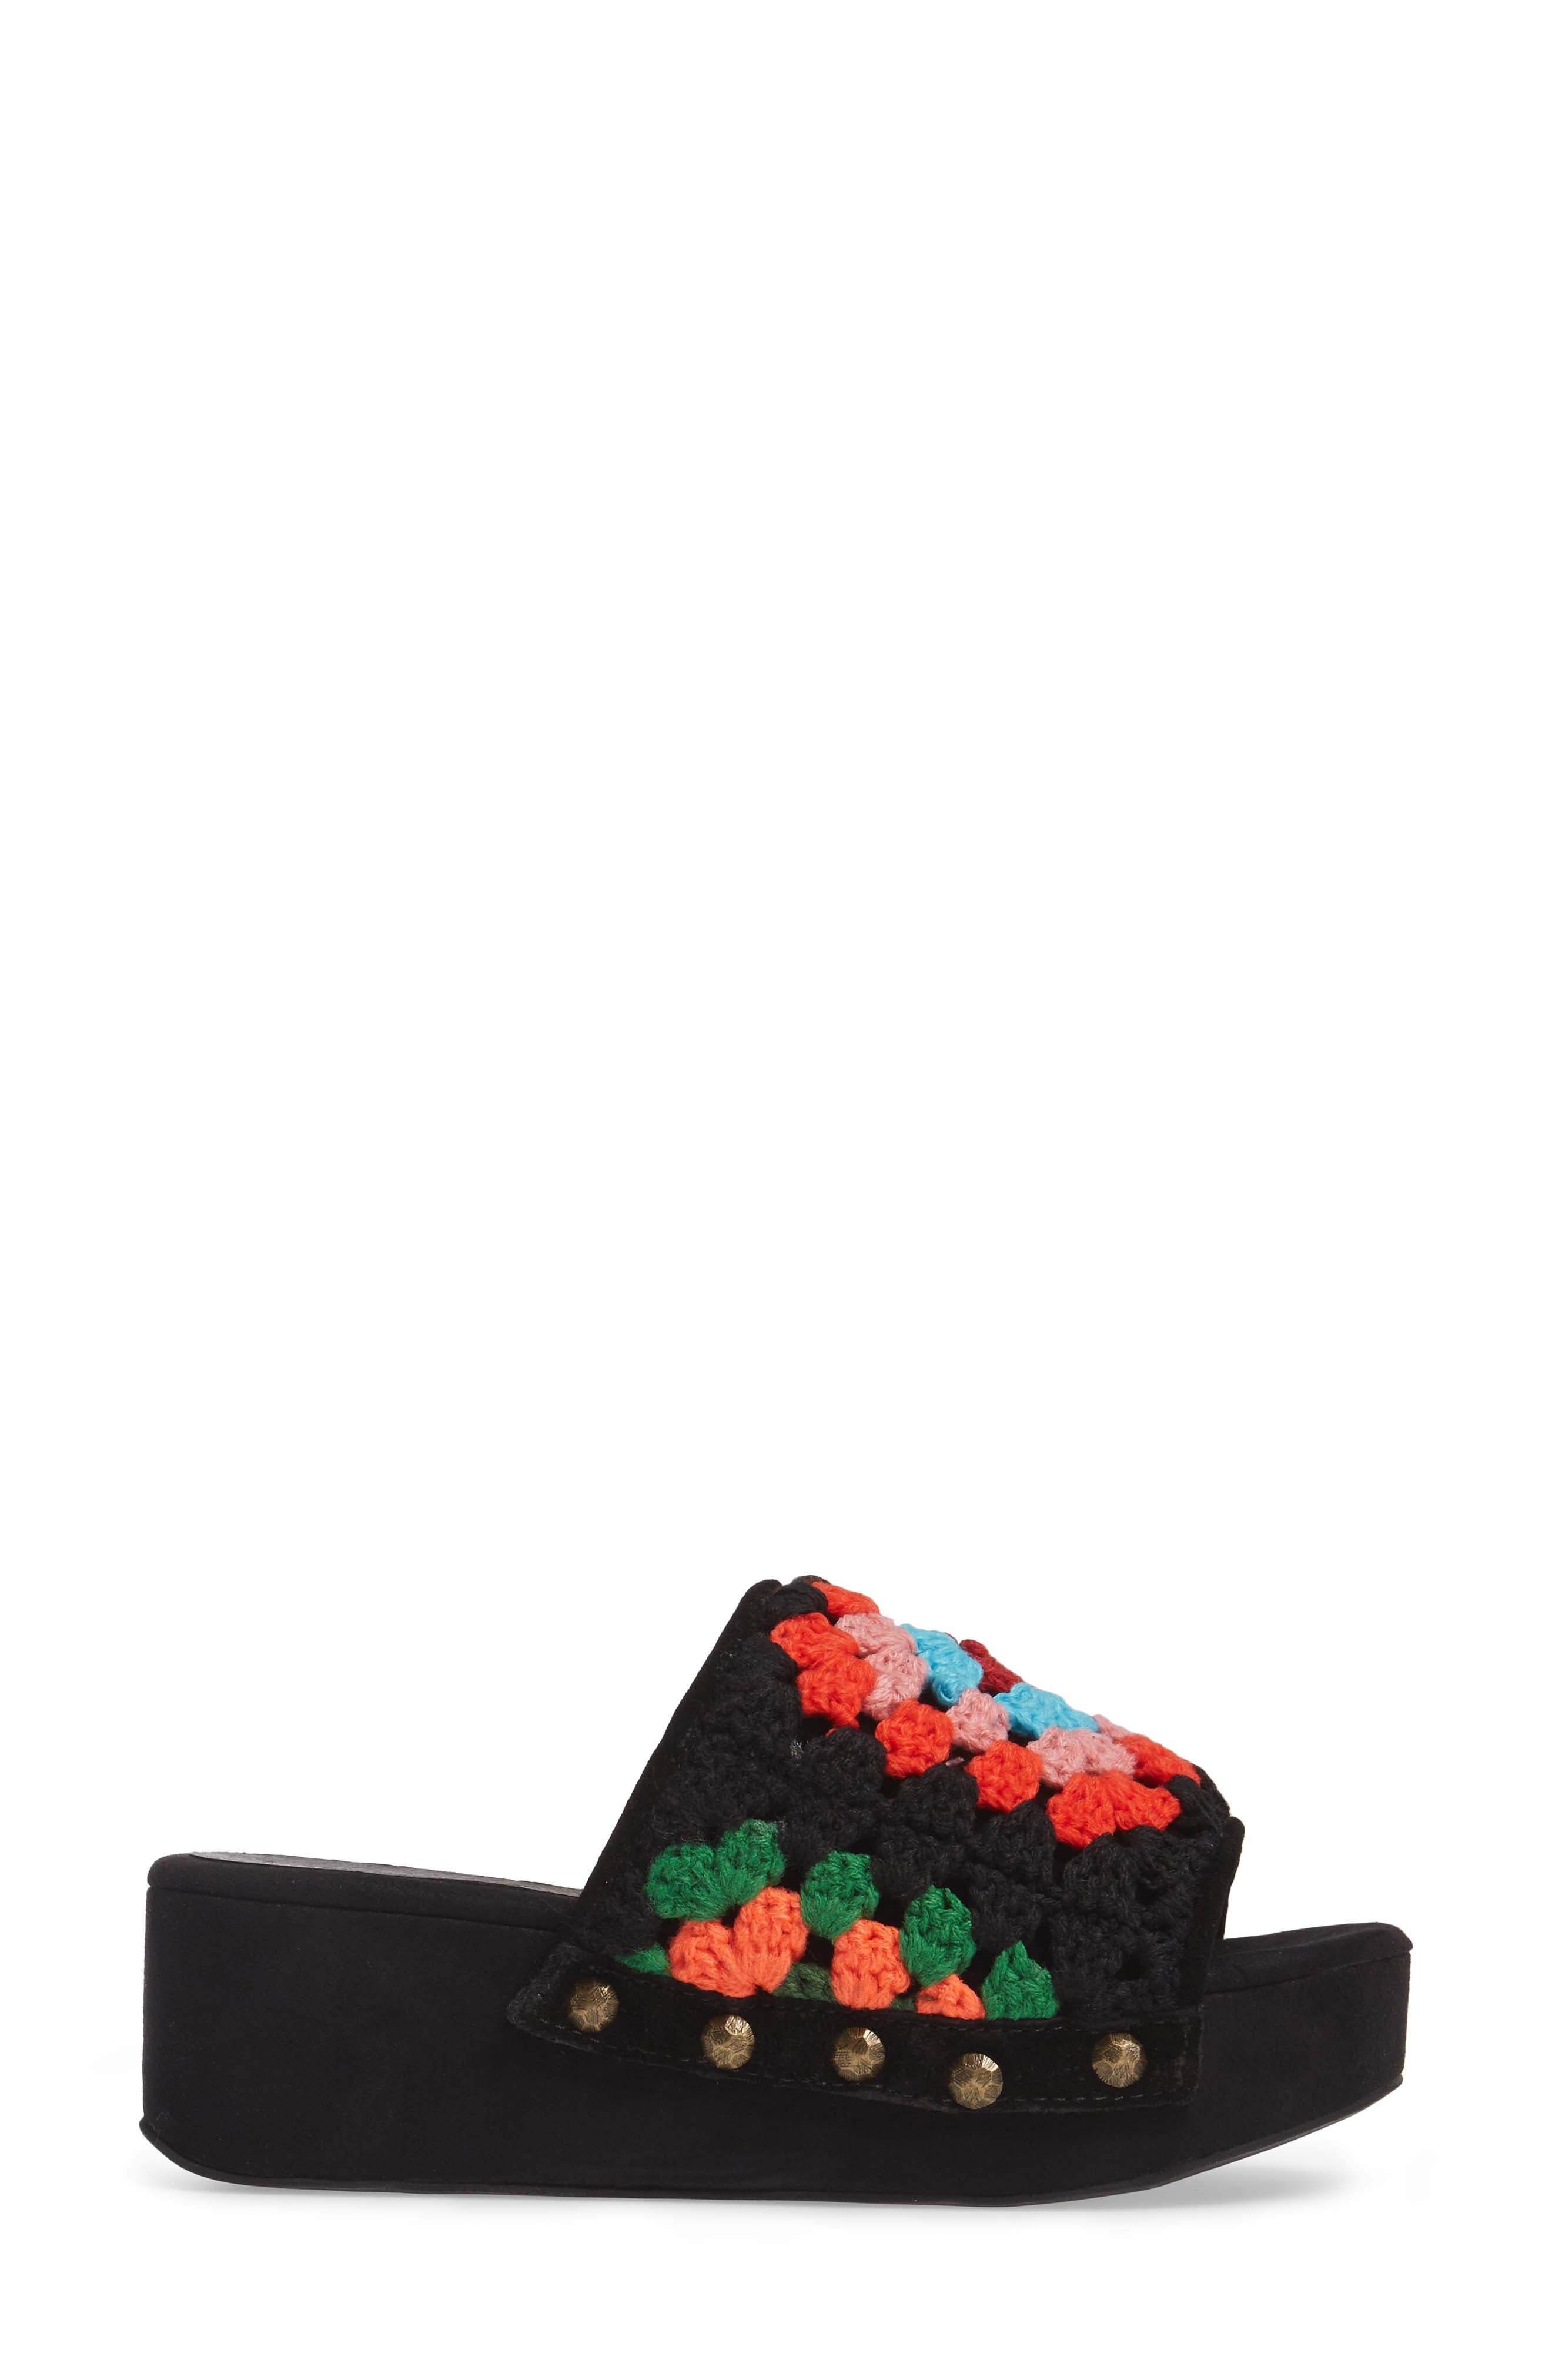 Nonna Crocheted Platform Slide Sandal,                             Alternate thumbnail 3, color,